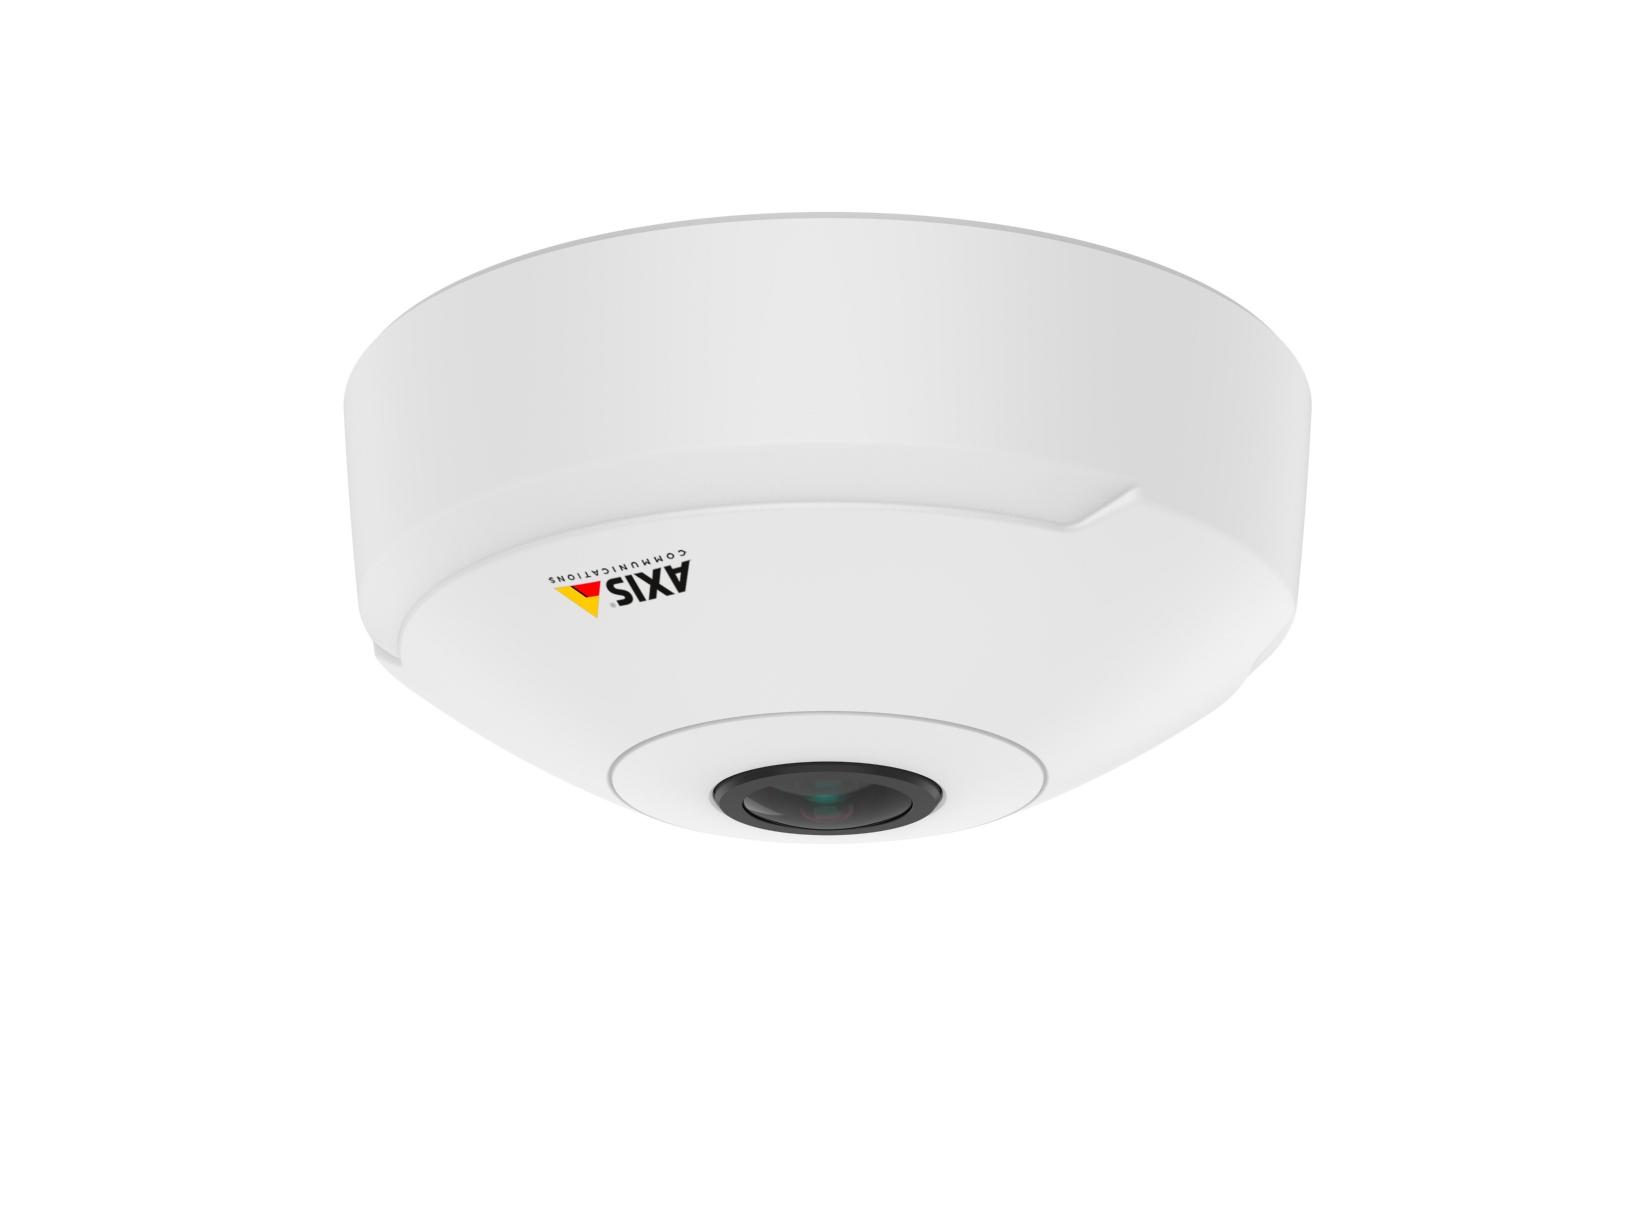 Axis M3048-P Cámara de seguridad IP Almohadilla Techo 2880 x 2880 Pixeles